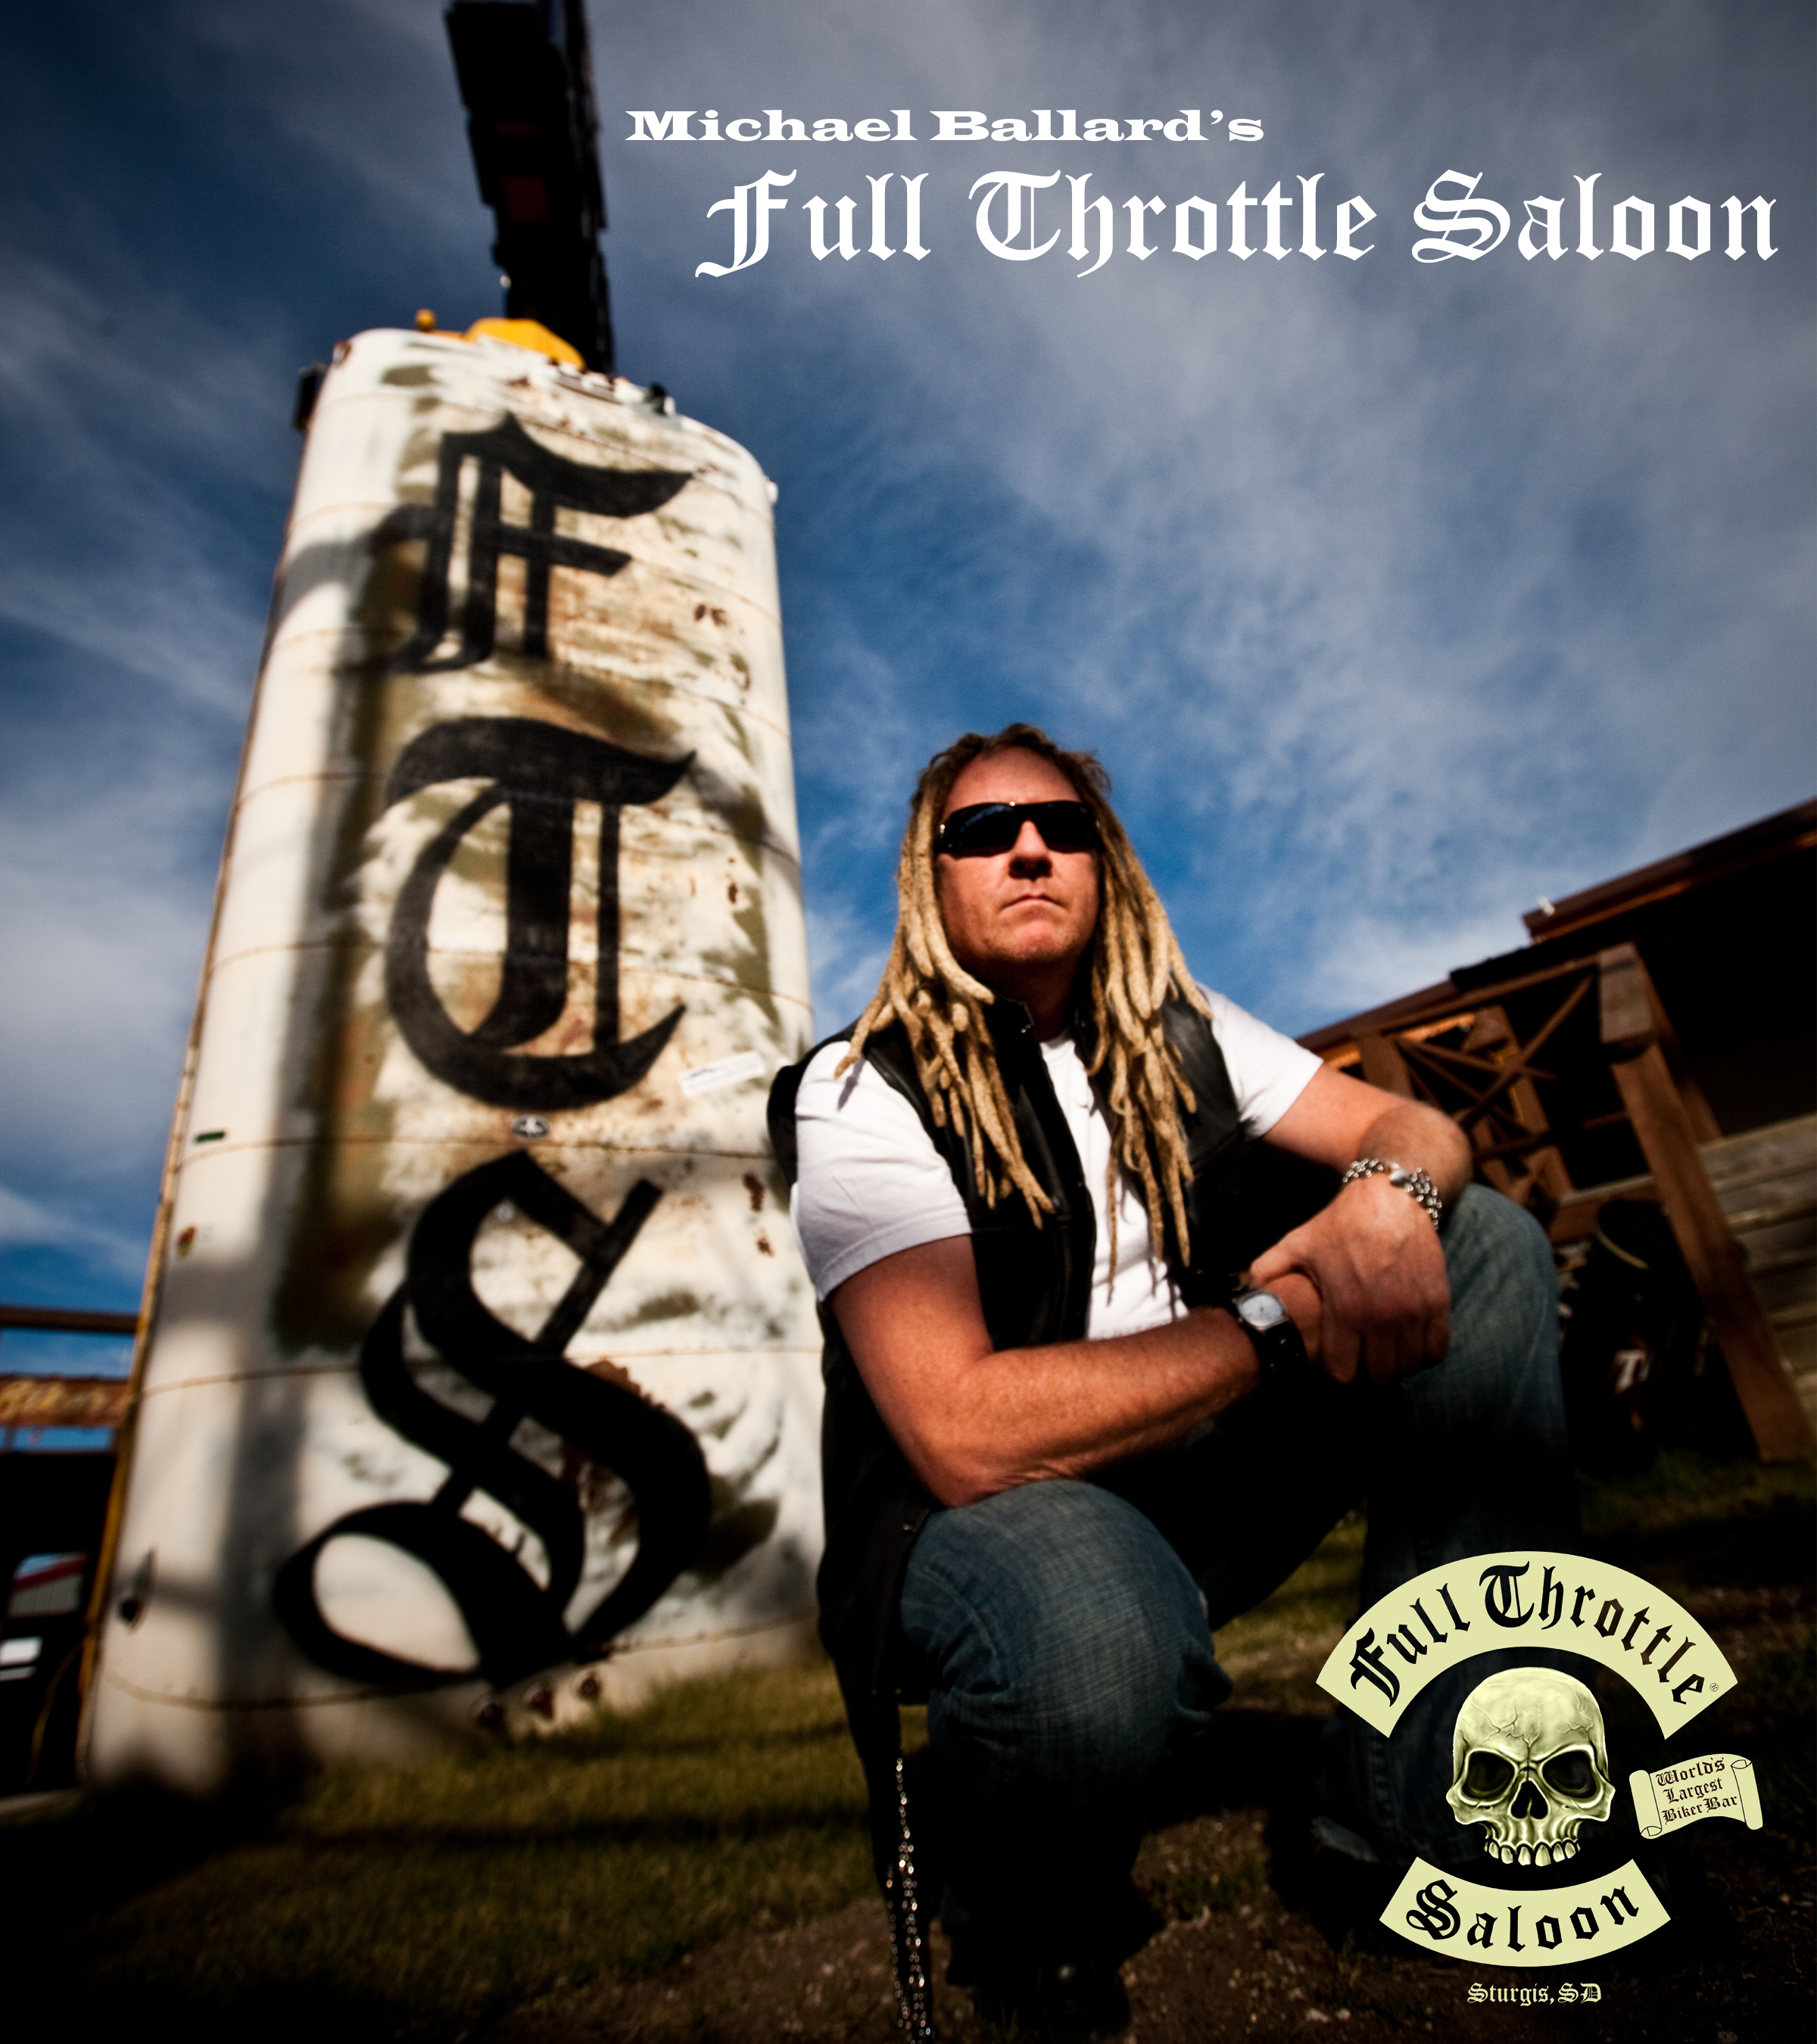 Michael Ballard's Full Throttle Saloon interview by James Lowe